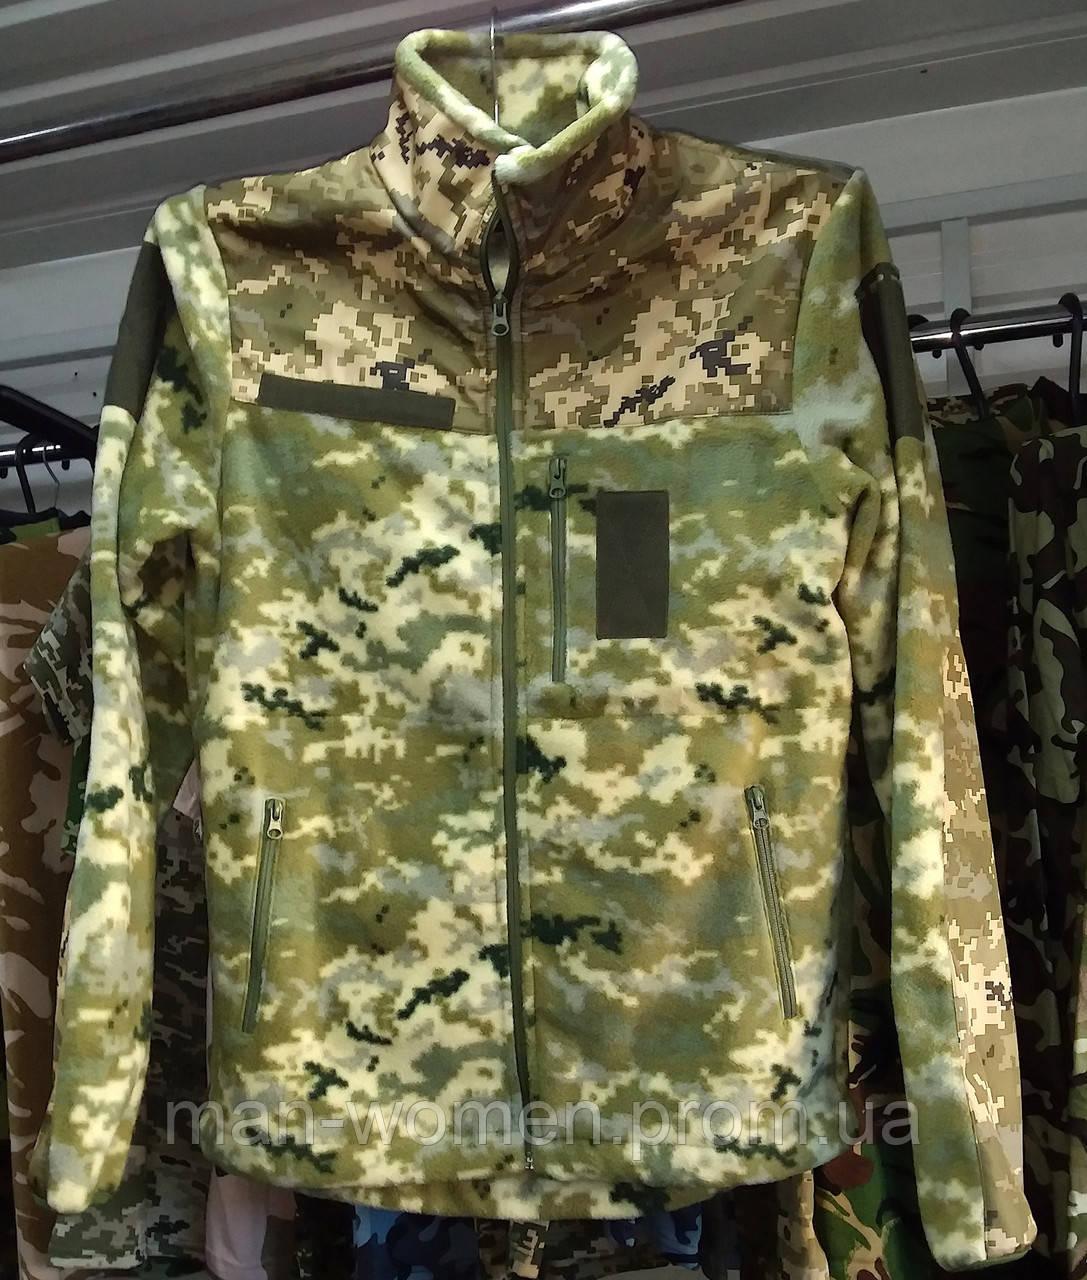 Флисовая кофта ВСУ армейская (ММ-14). Военная кофта камуфляж. Новая